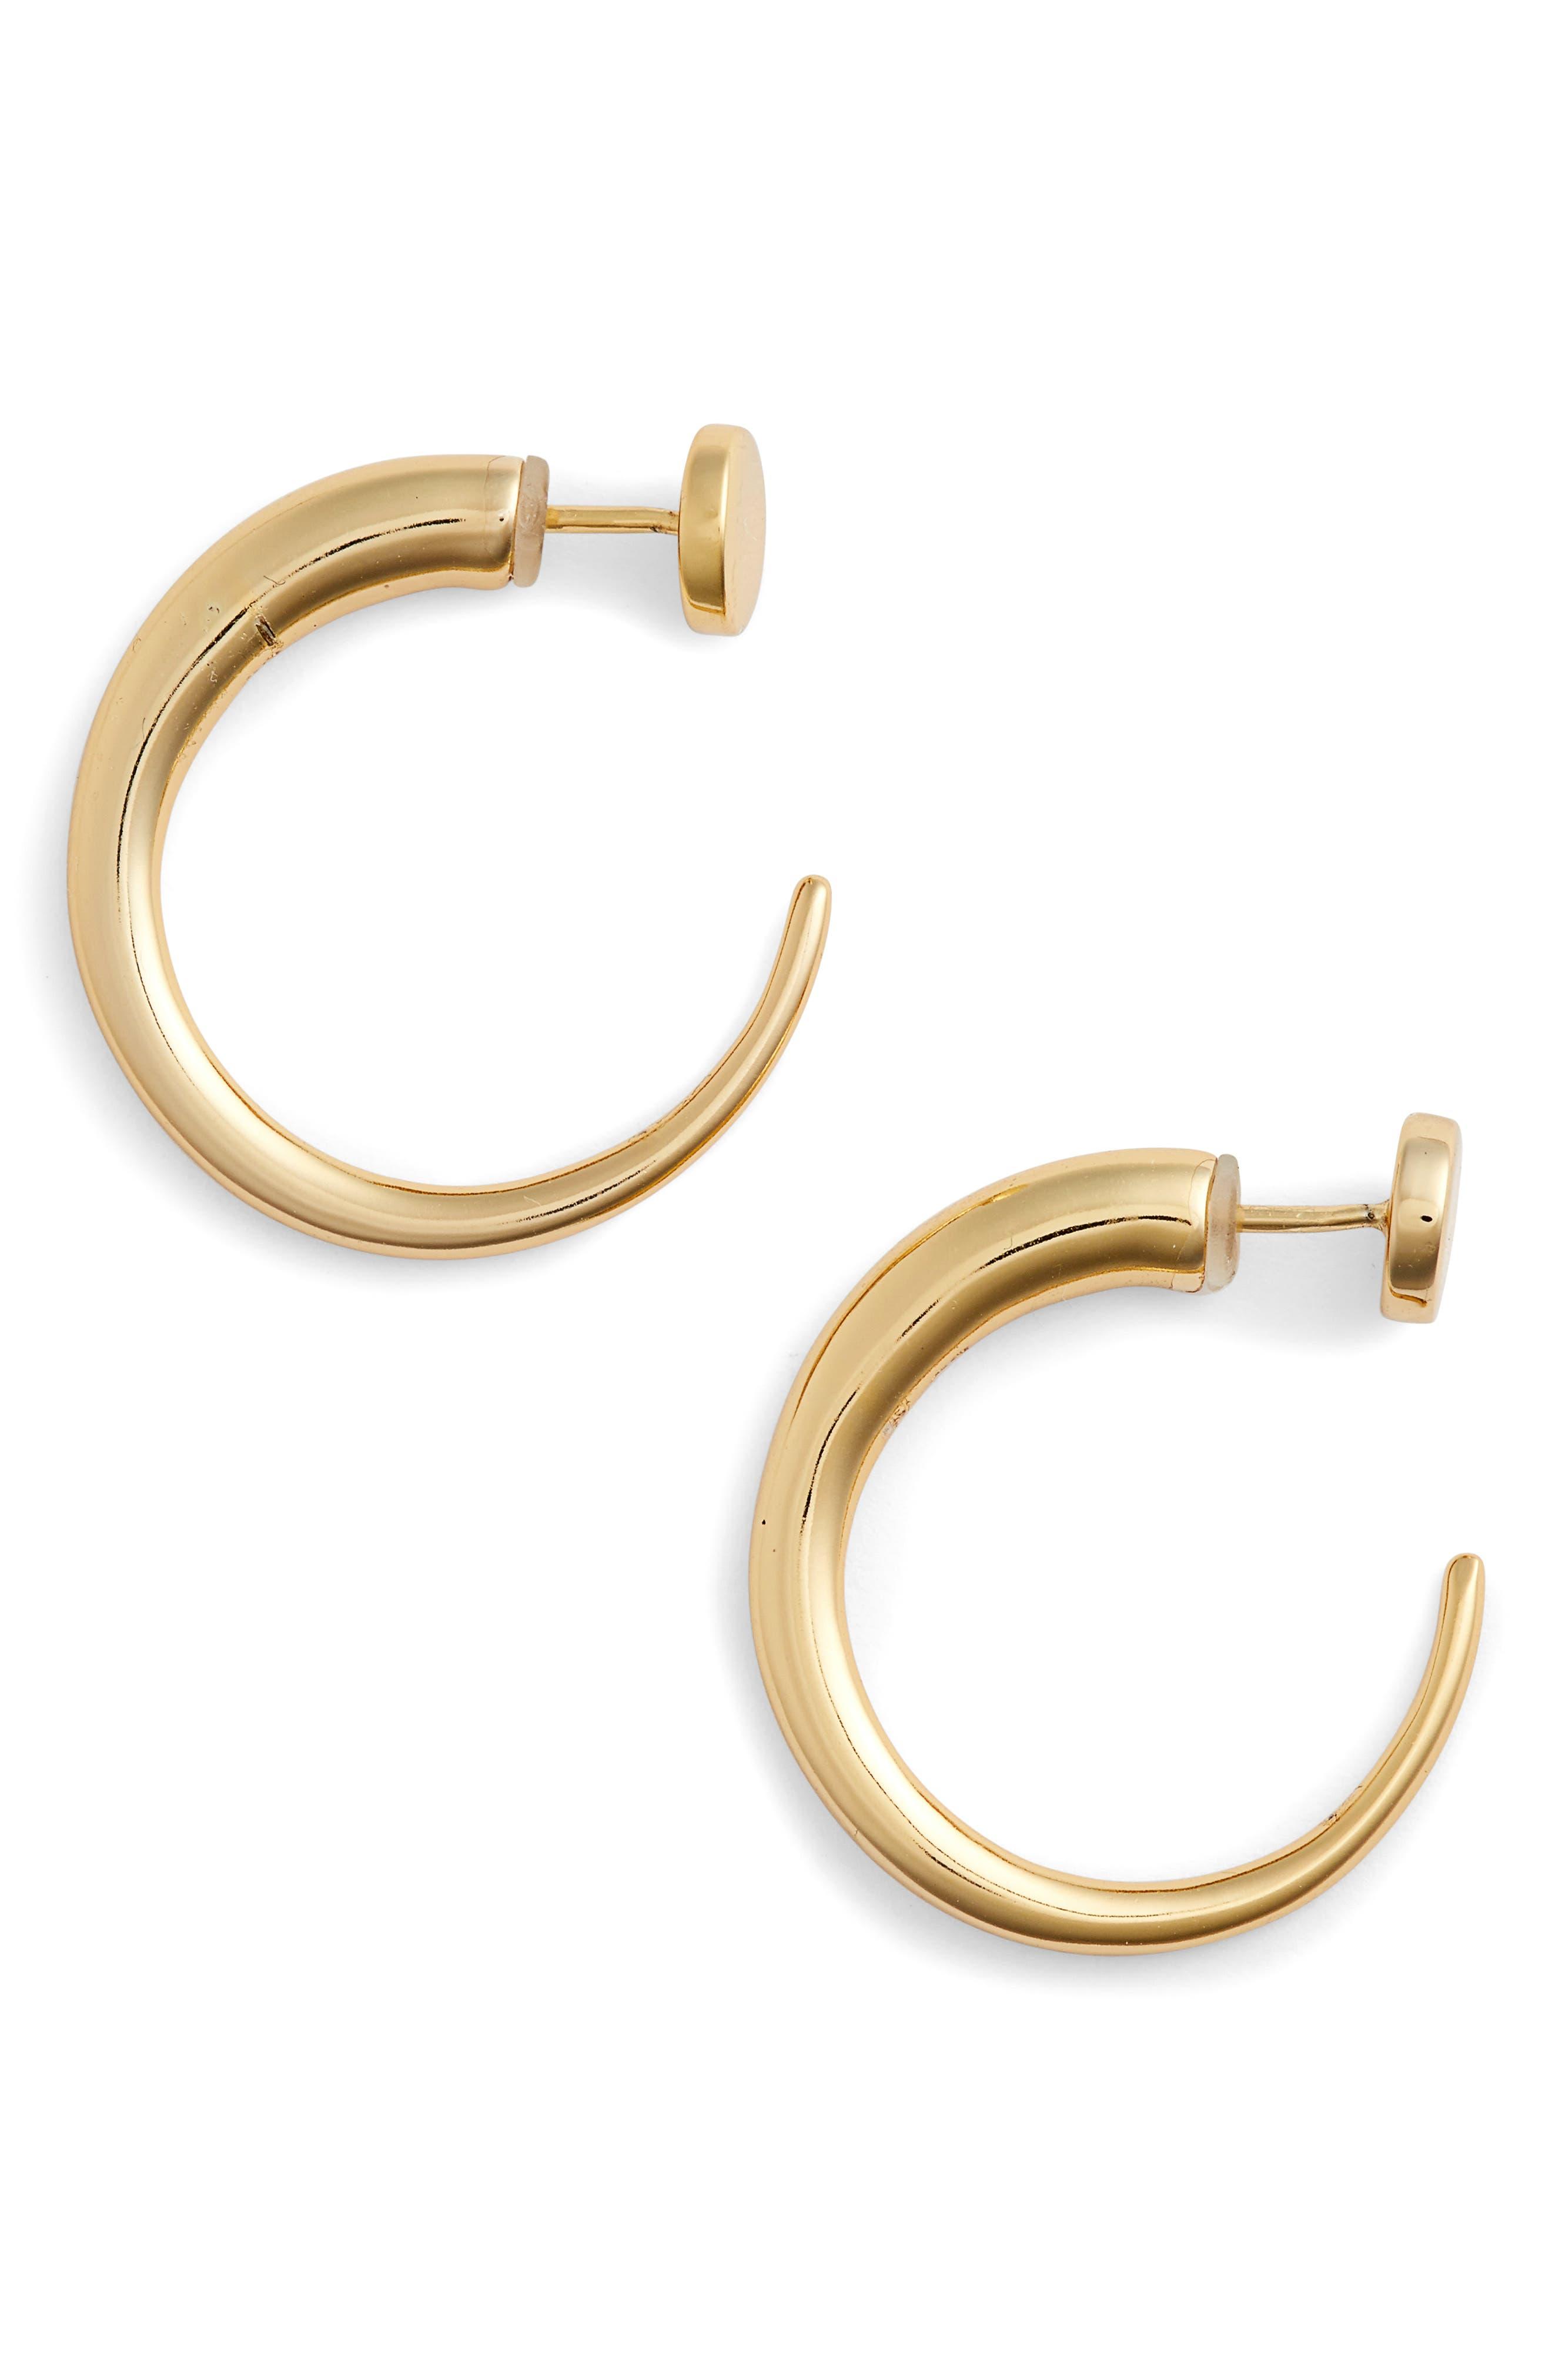 Main Image - Jules Smith Yari Hoop Earrings